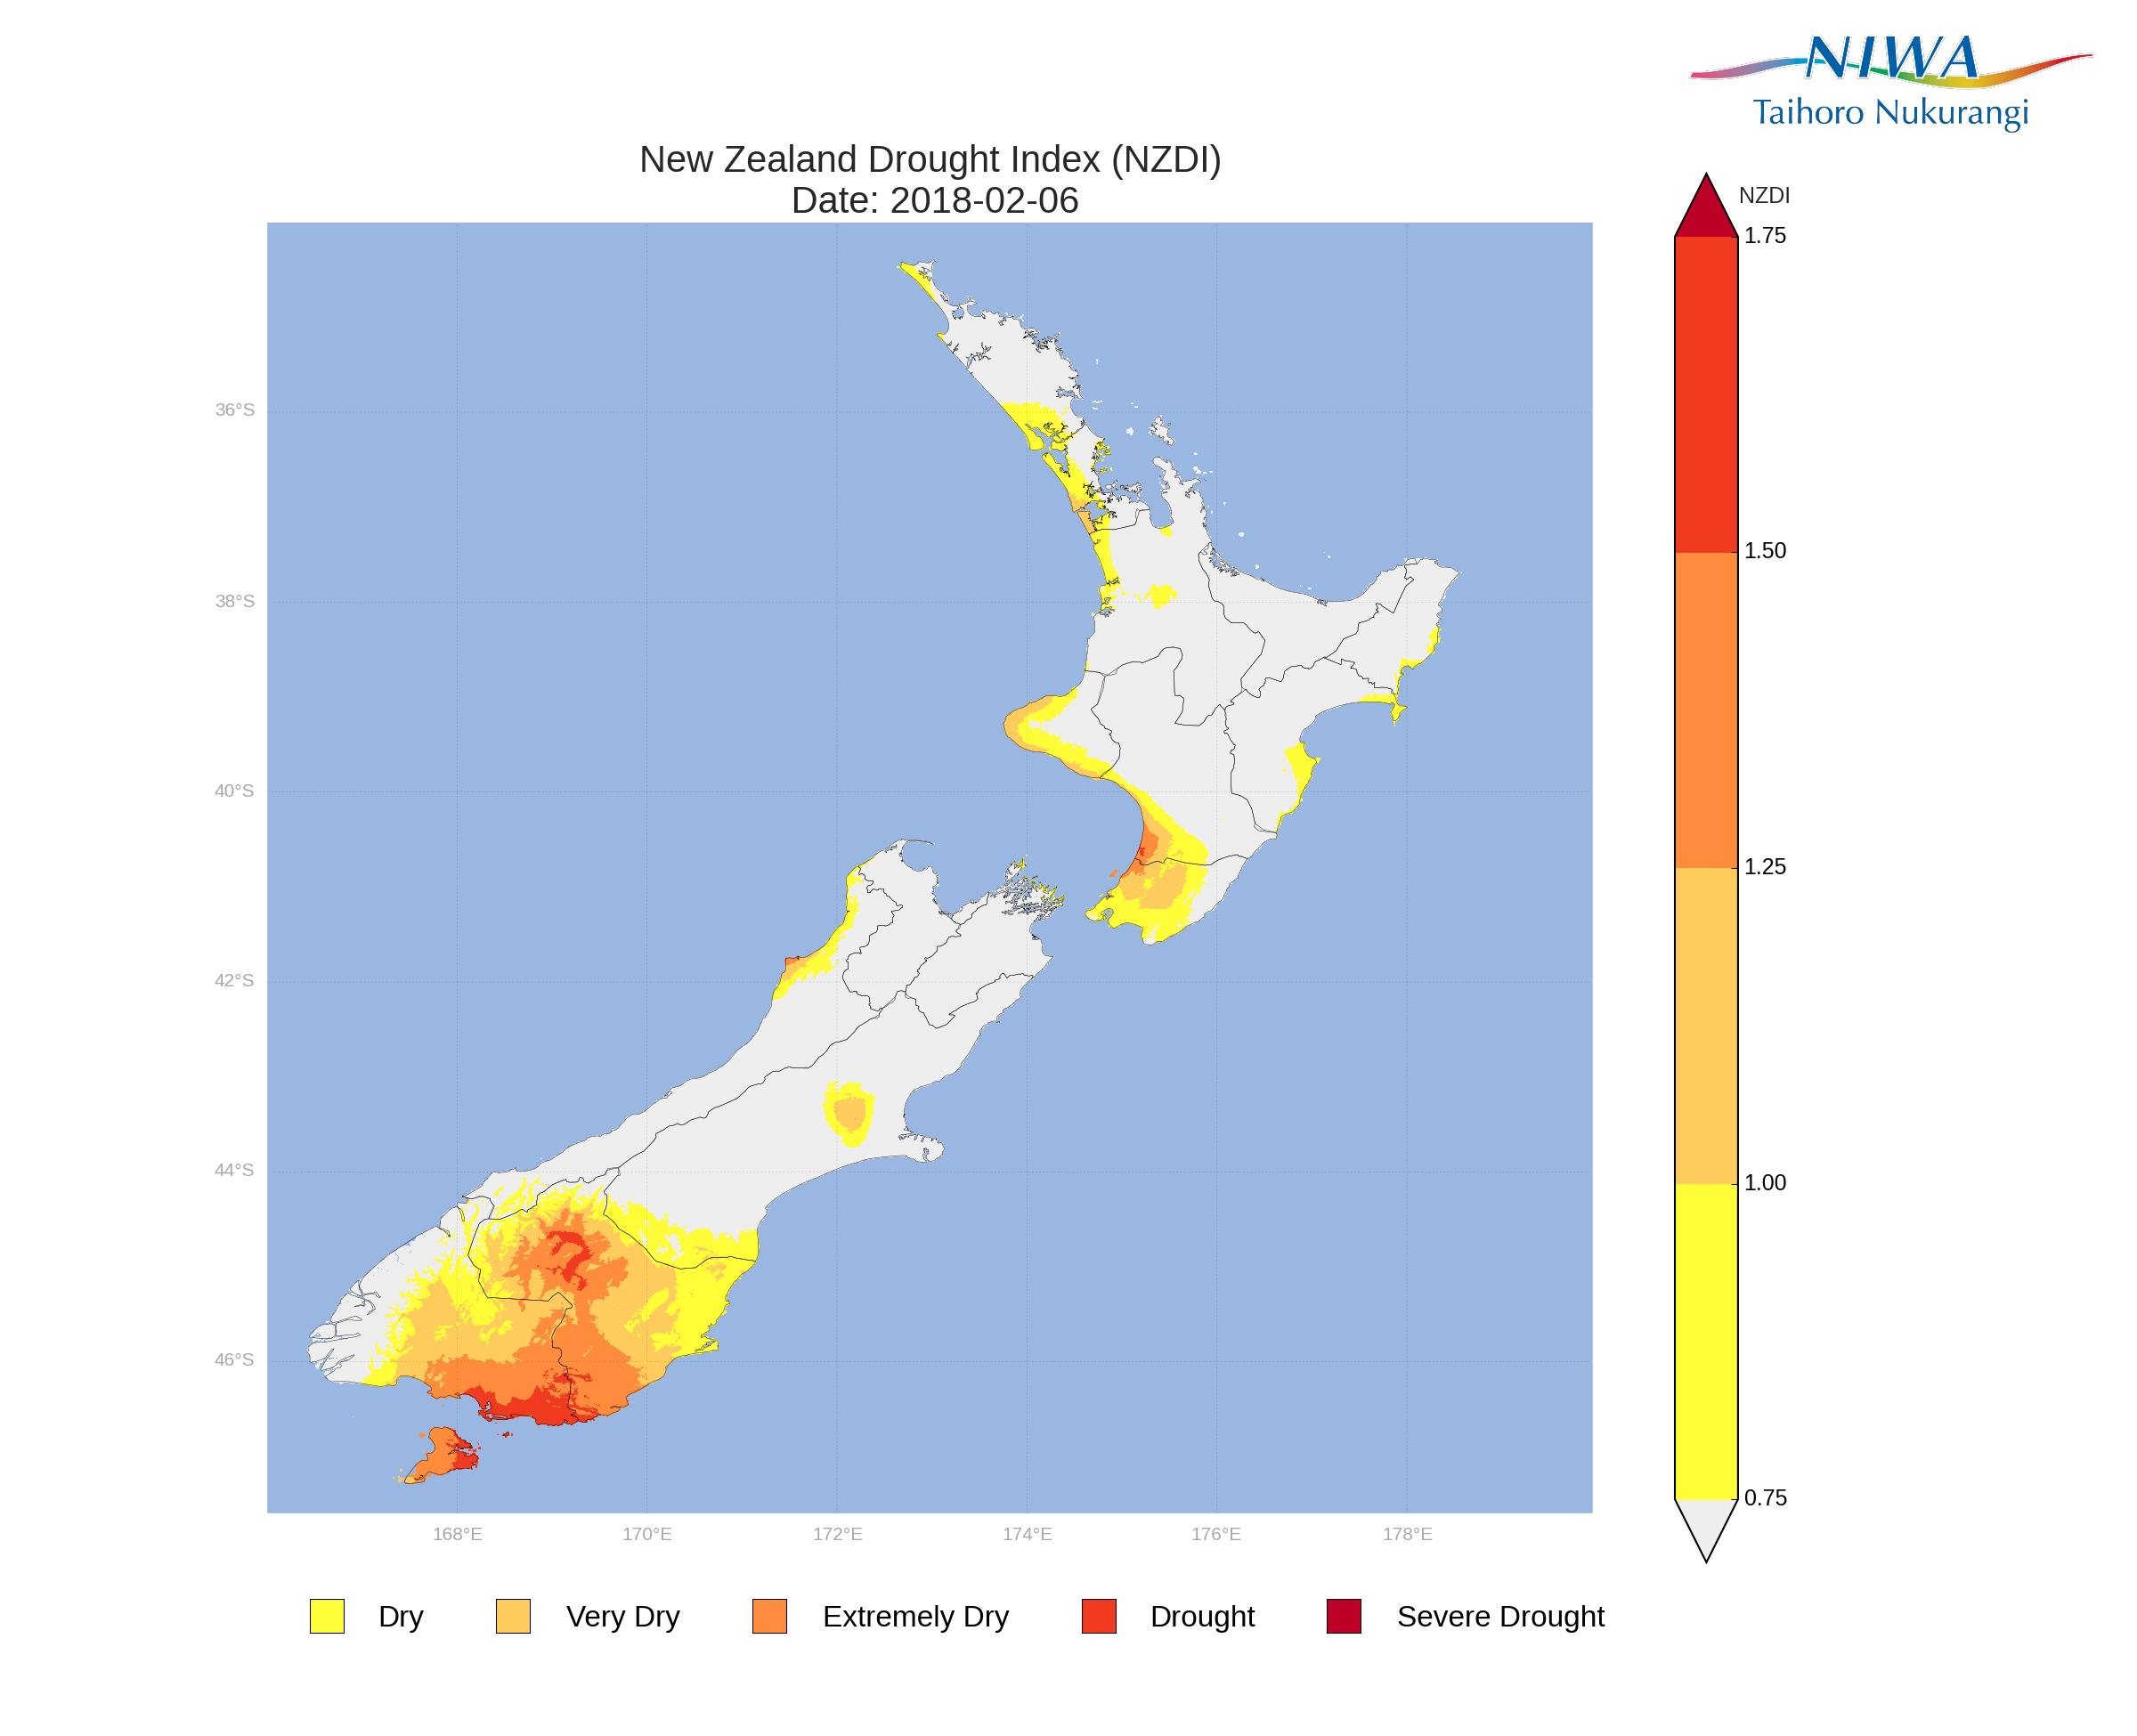 New Zealand Drought Monitor: sistema per tenere traccia delle condizioni di siccità in Nuova Zelanda sulla base di un indice climatico standardizzato